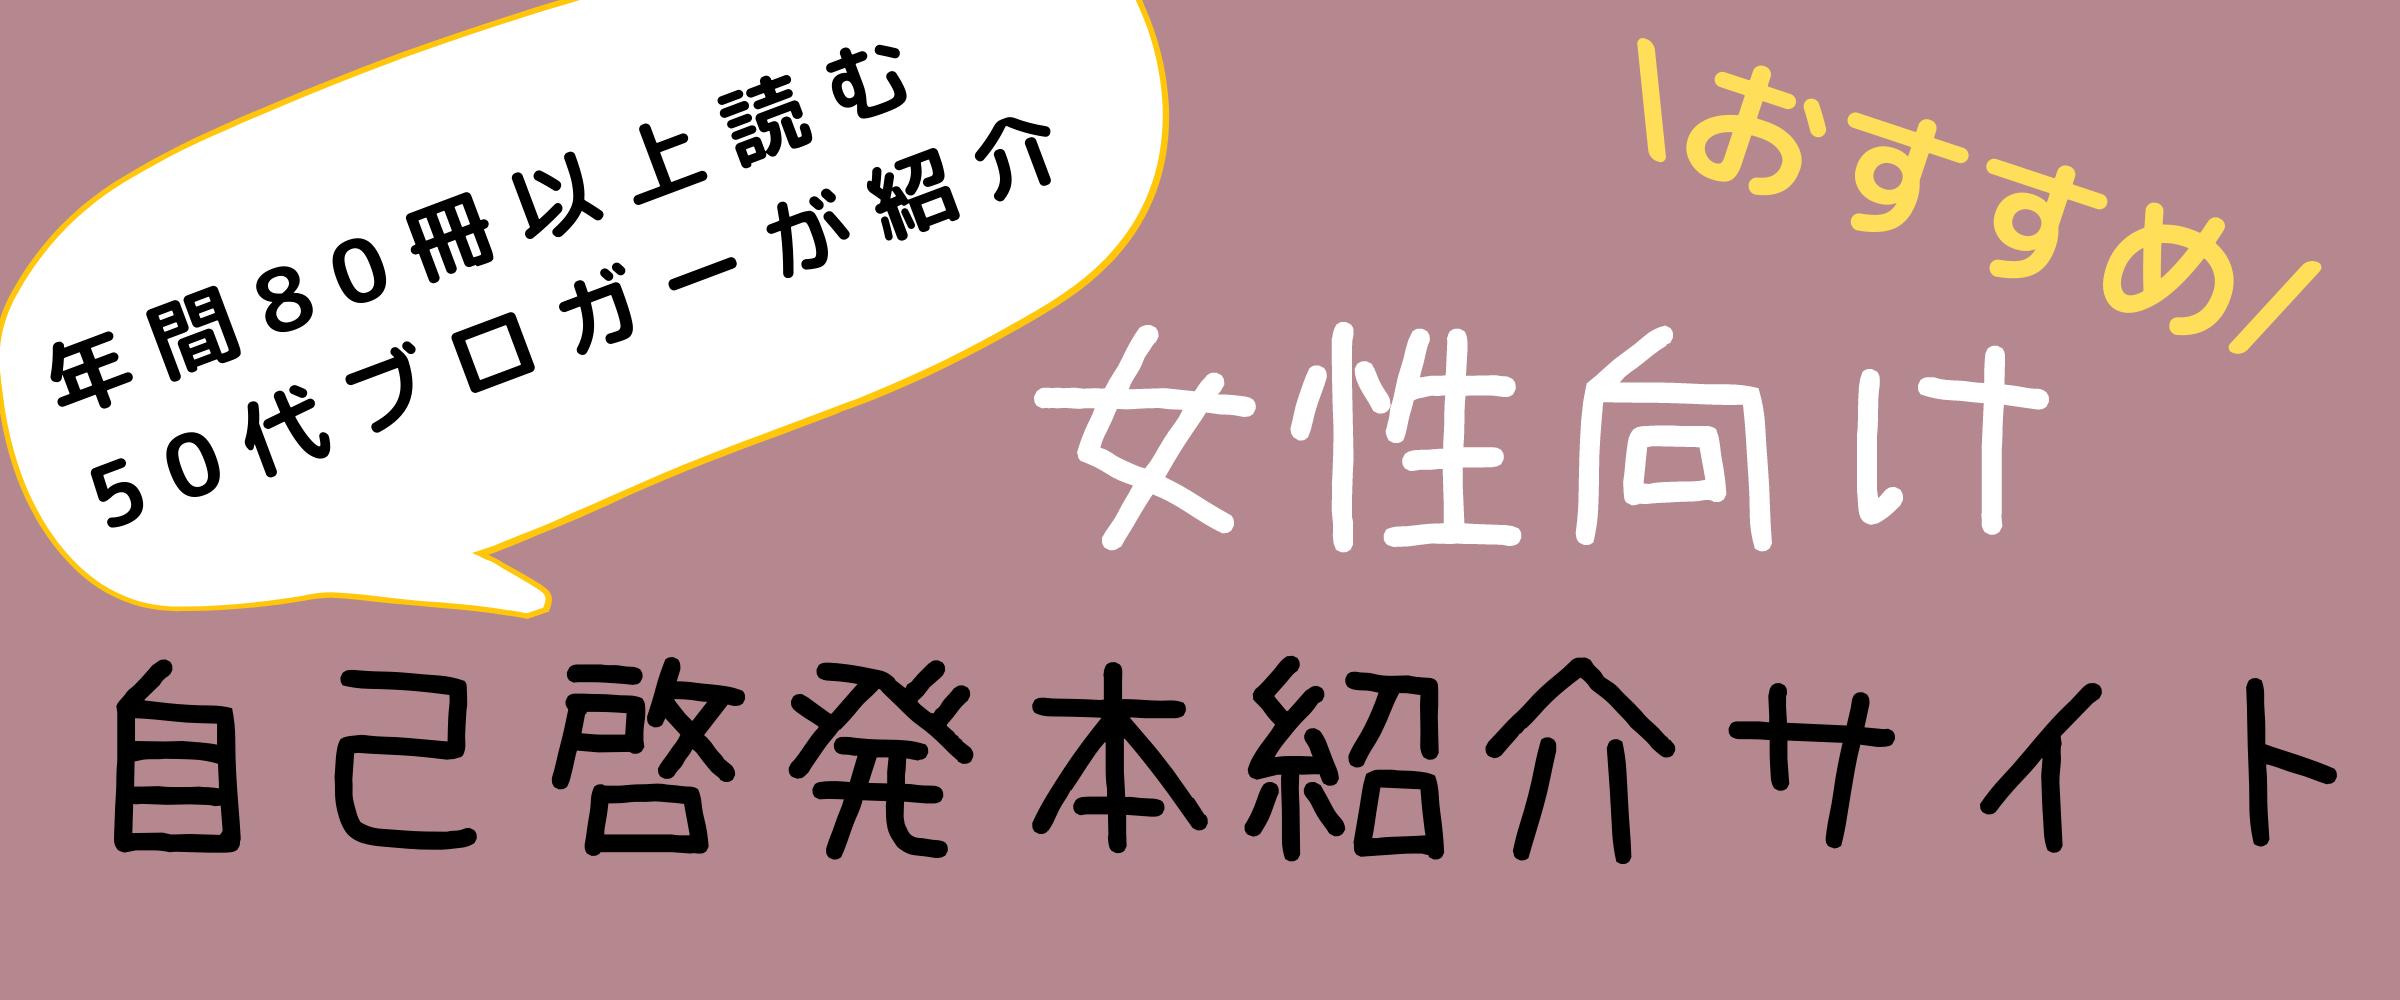 女性向け自己啓発本紹介サイト